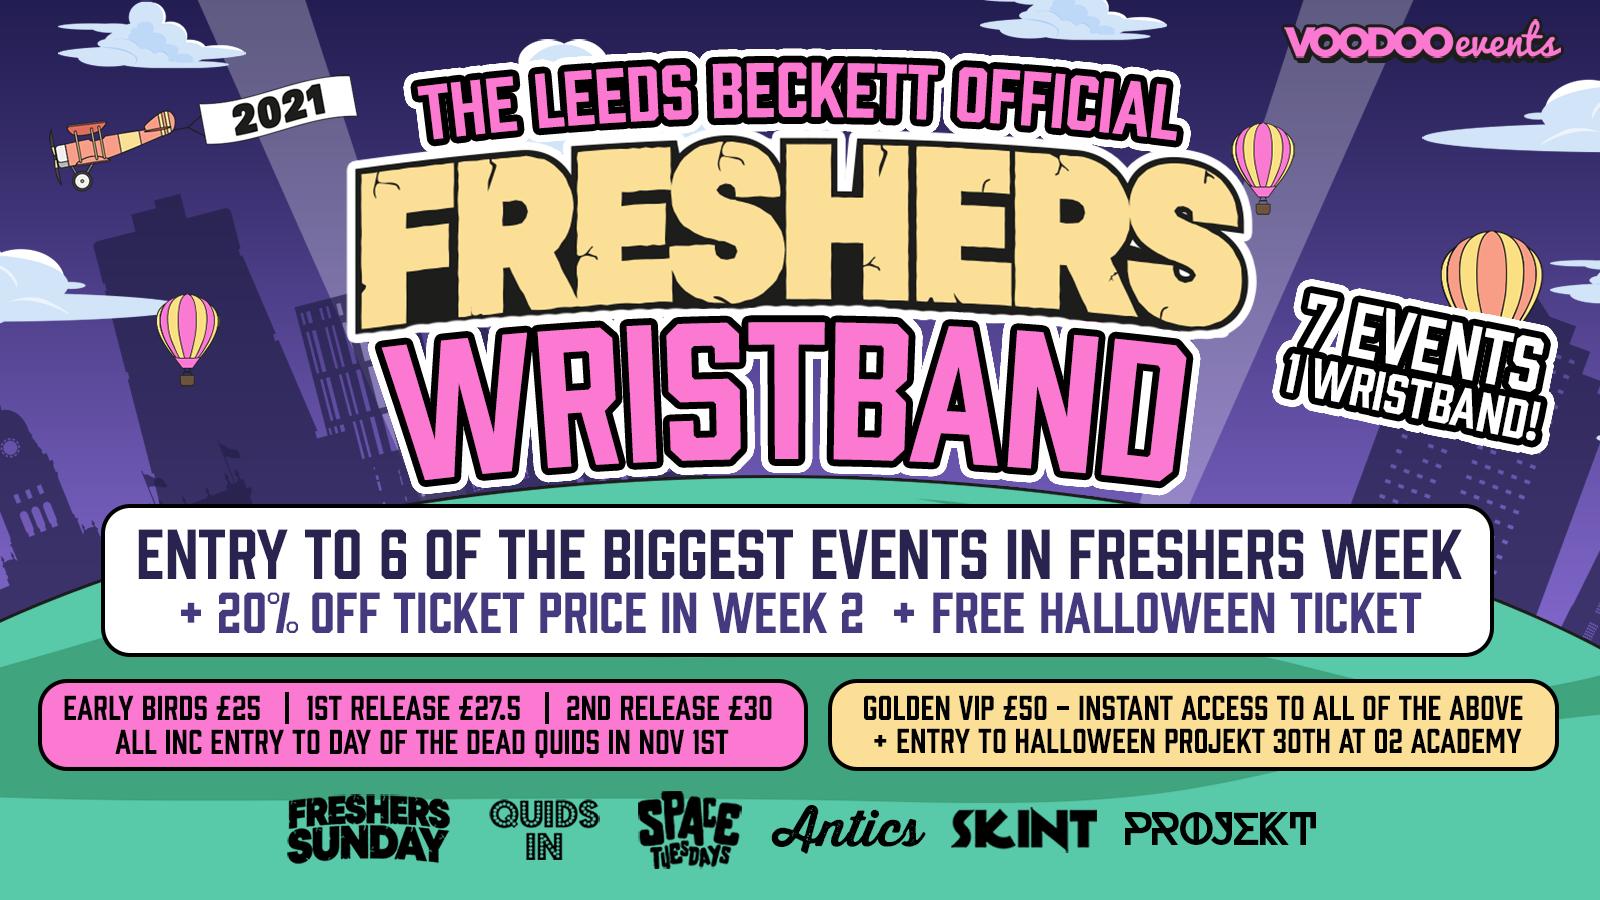 Leeds Beckett Official Freshers Wristband